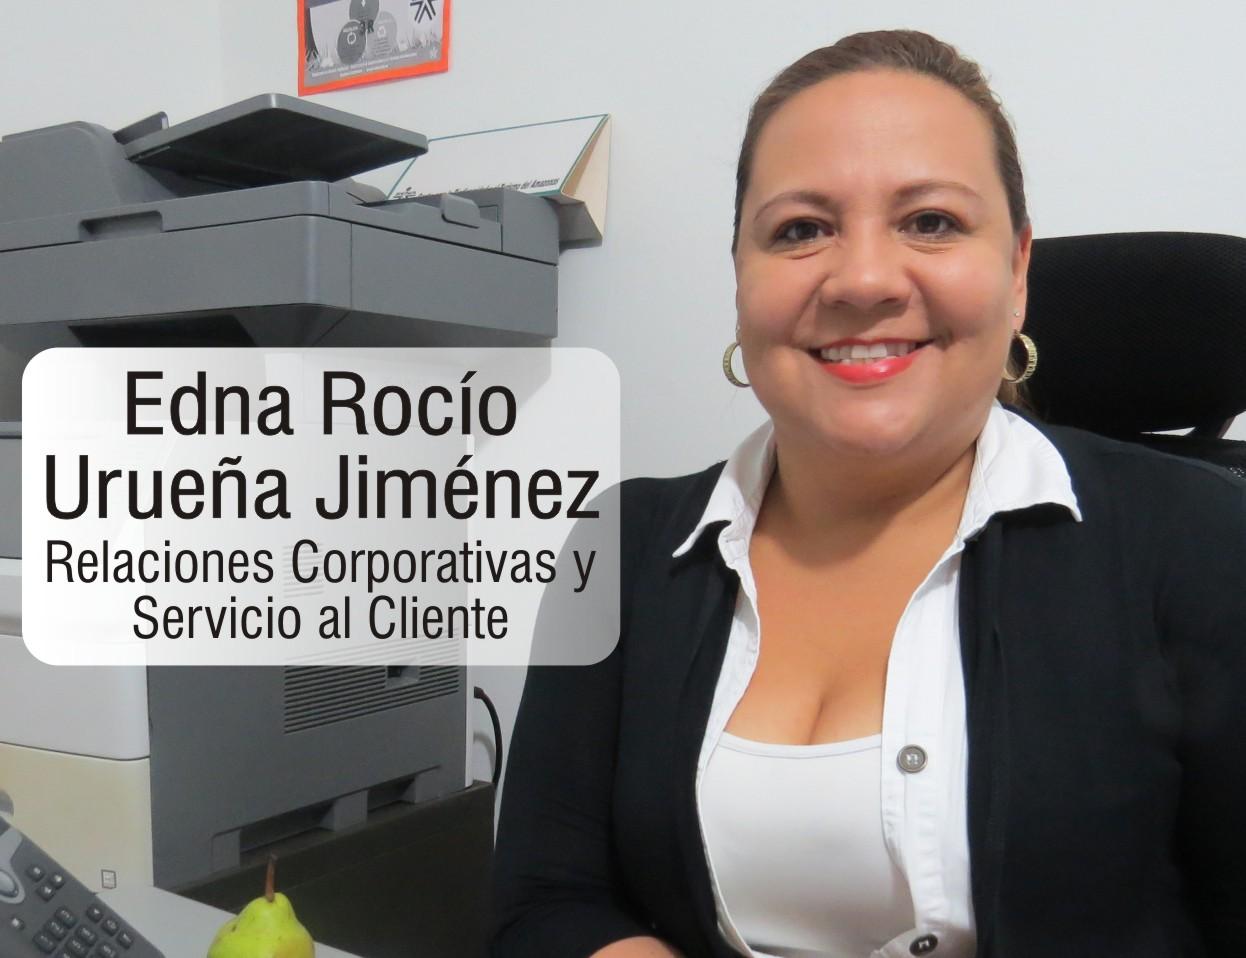 Relaciones Corporativas y Servicio al Cliente